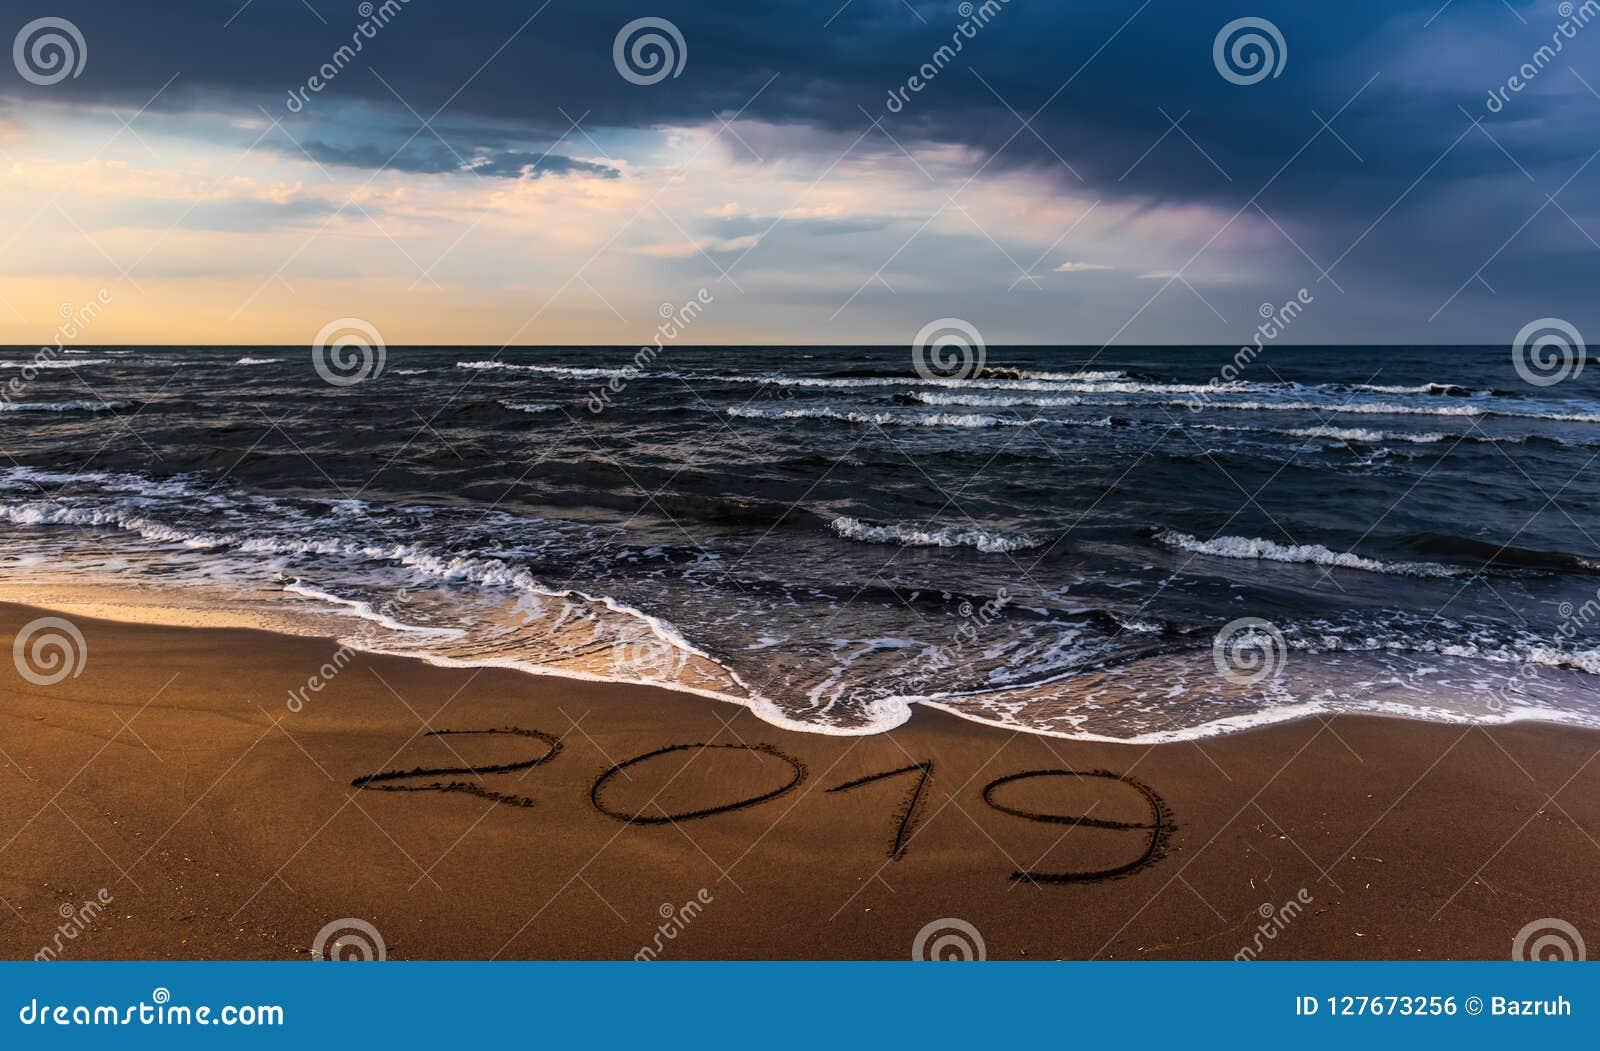 Ciel coloré étonnant au-dessus de mer, plage vide